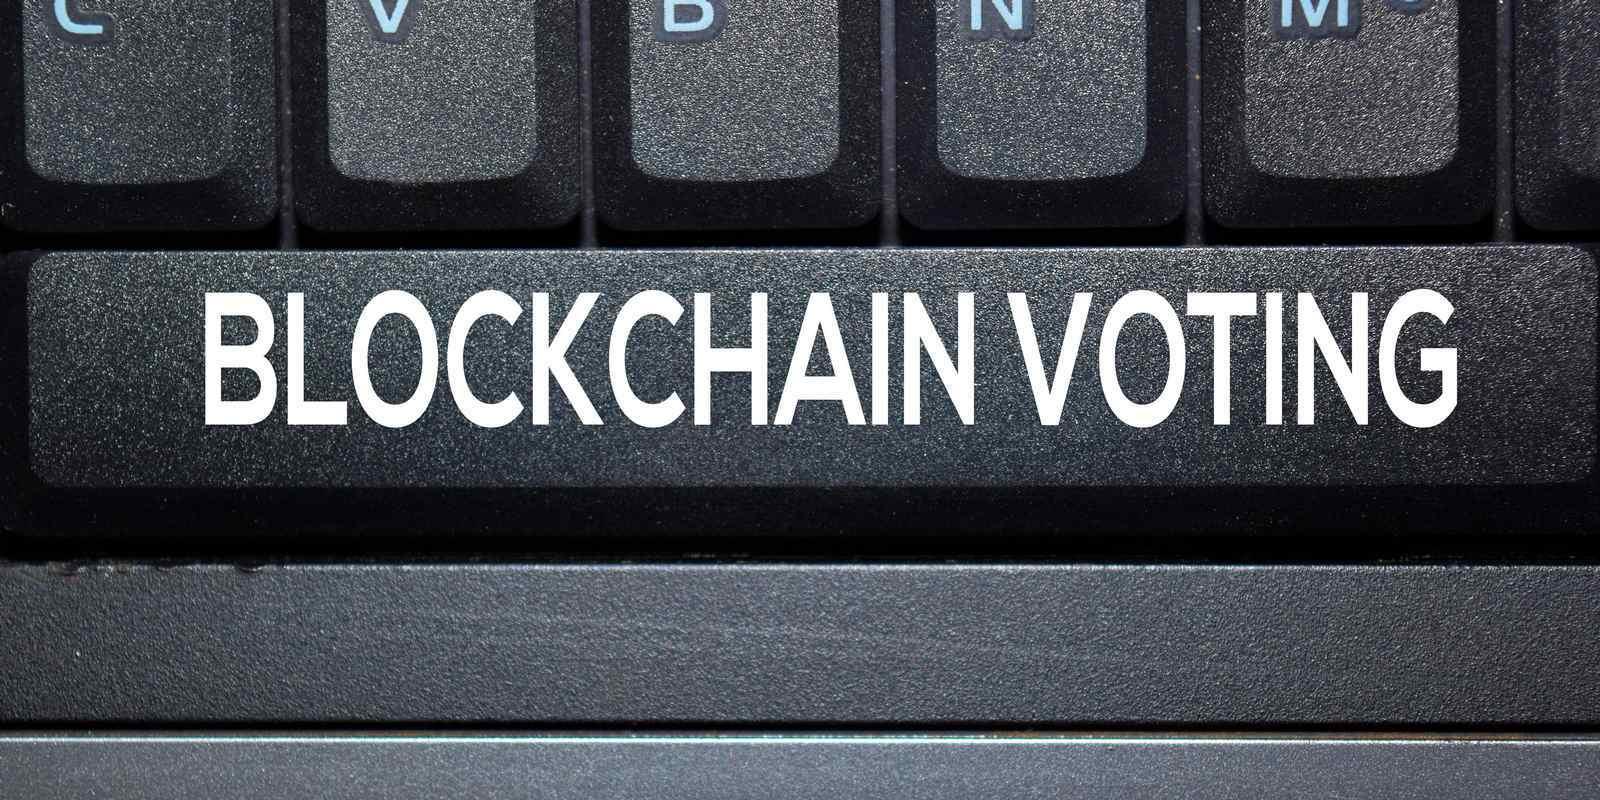 Vote blockchain : plutôt une mauvaise idée, selon des chercheurs du MIT